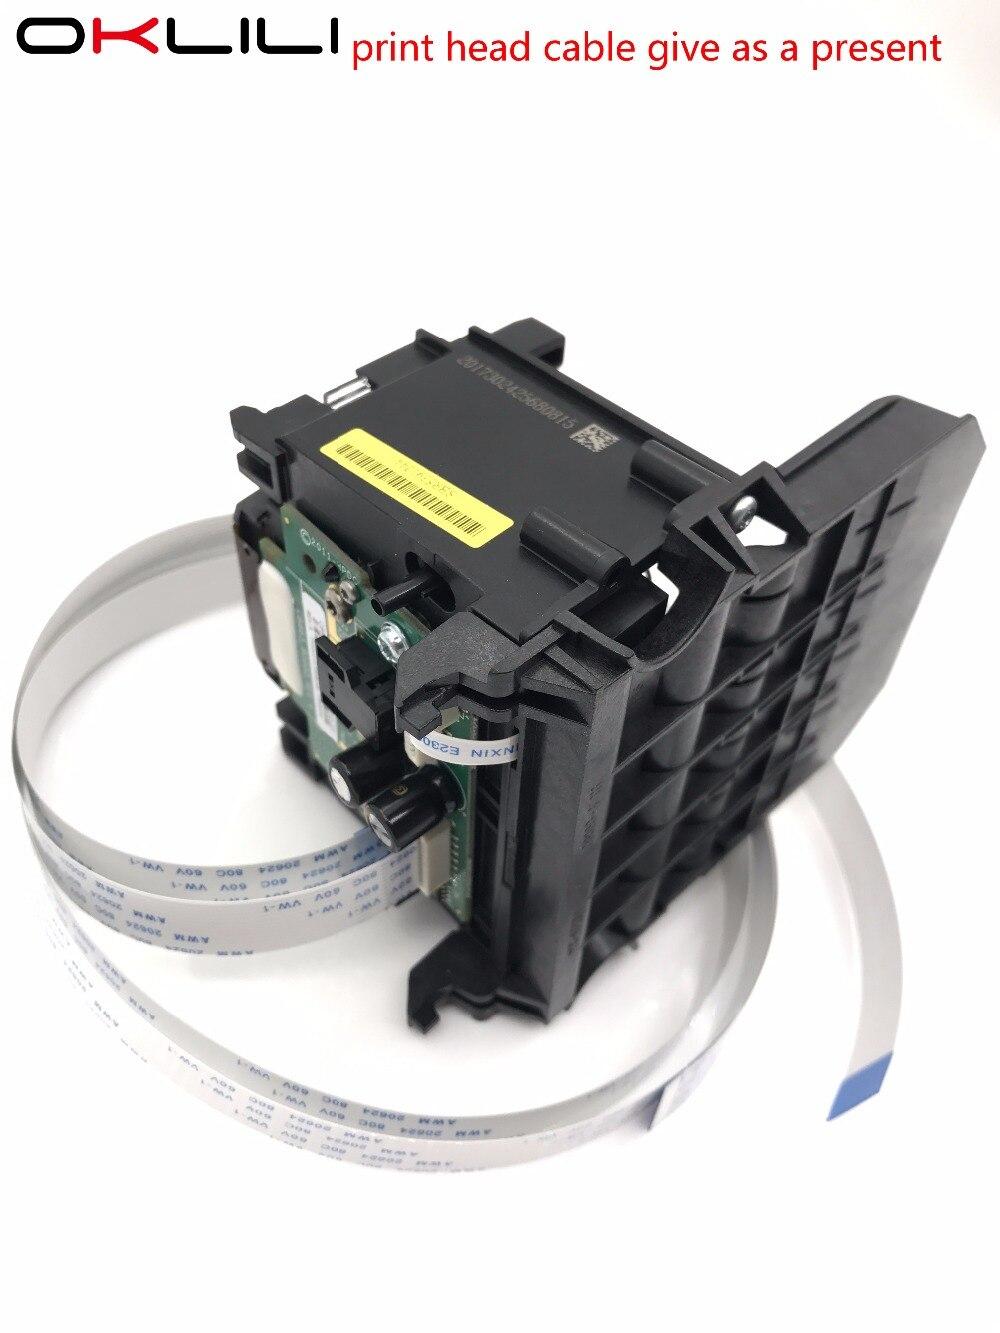 CB863-80013A CB863-80002A 932 933 932XL 933XL 6060e 6100 6100e de Impressora Da Cabeça De Impressão da cabeça de Impressão para HP 6600 6700 7110 7600 7610 7612